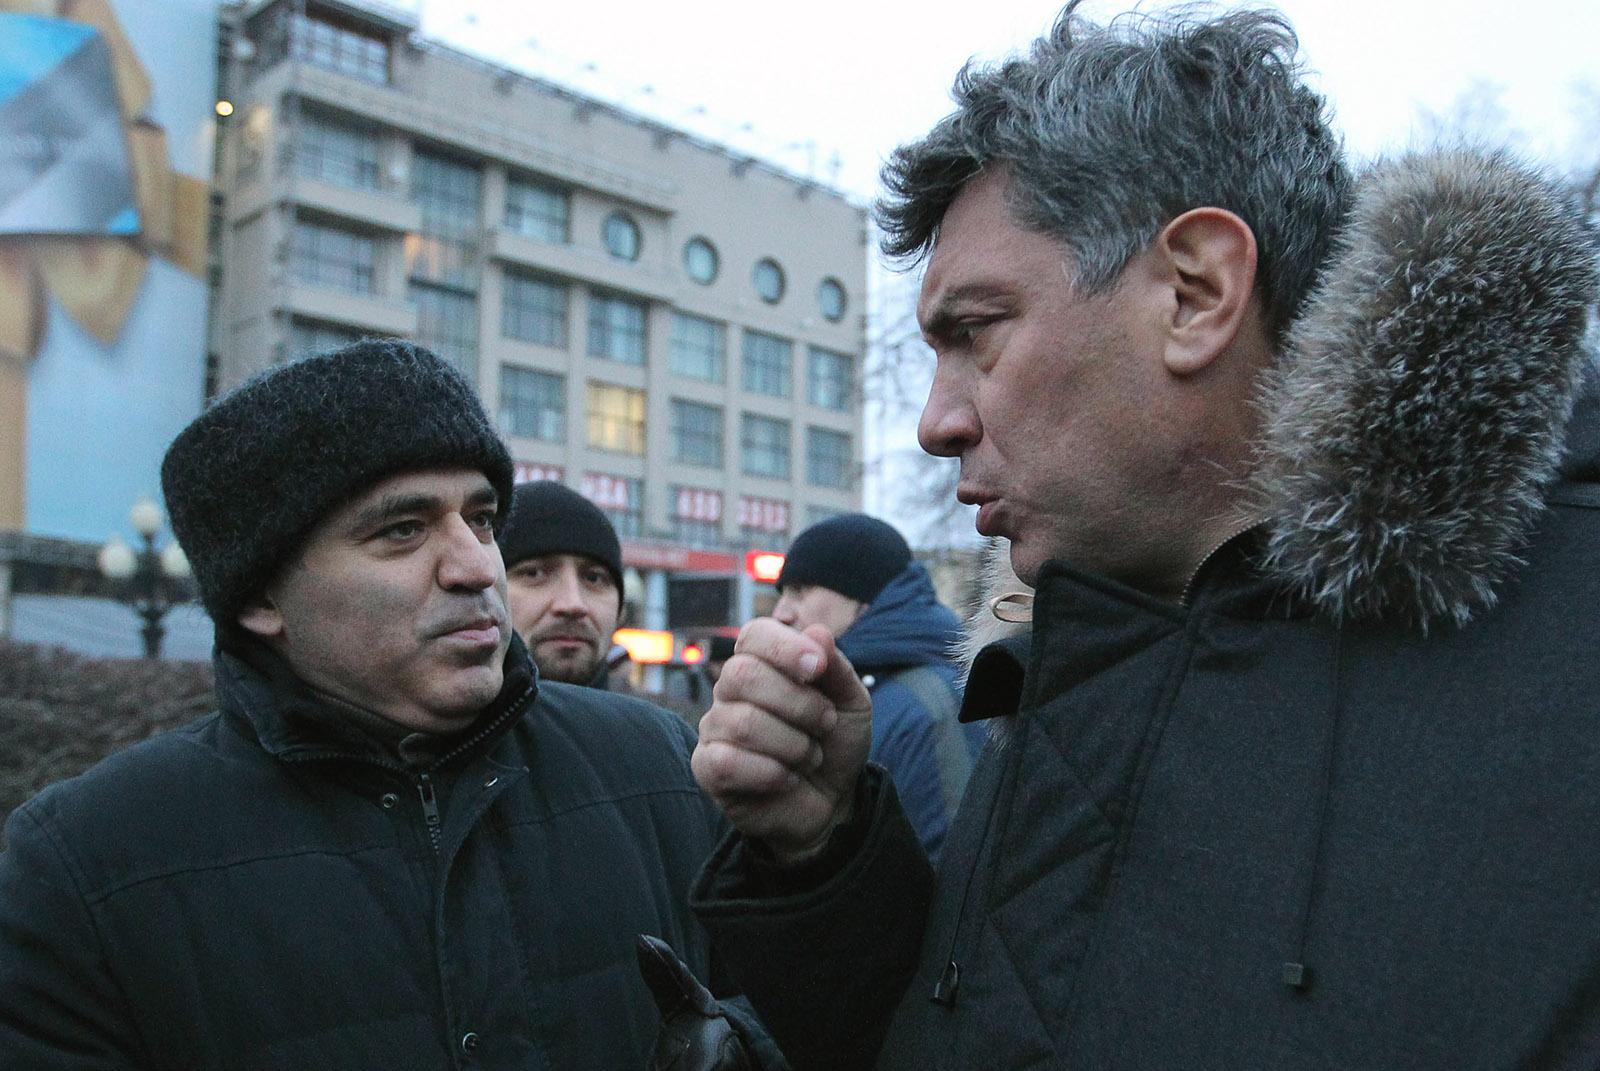 Garry Gasparov and Boris Nemtsov at a protest in Russia in 2010